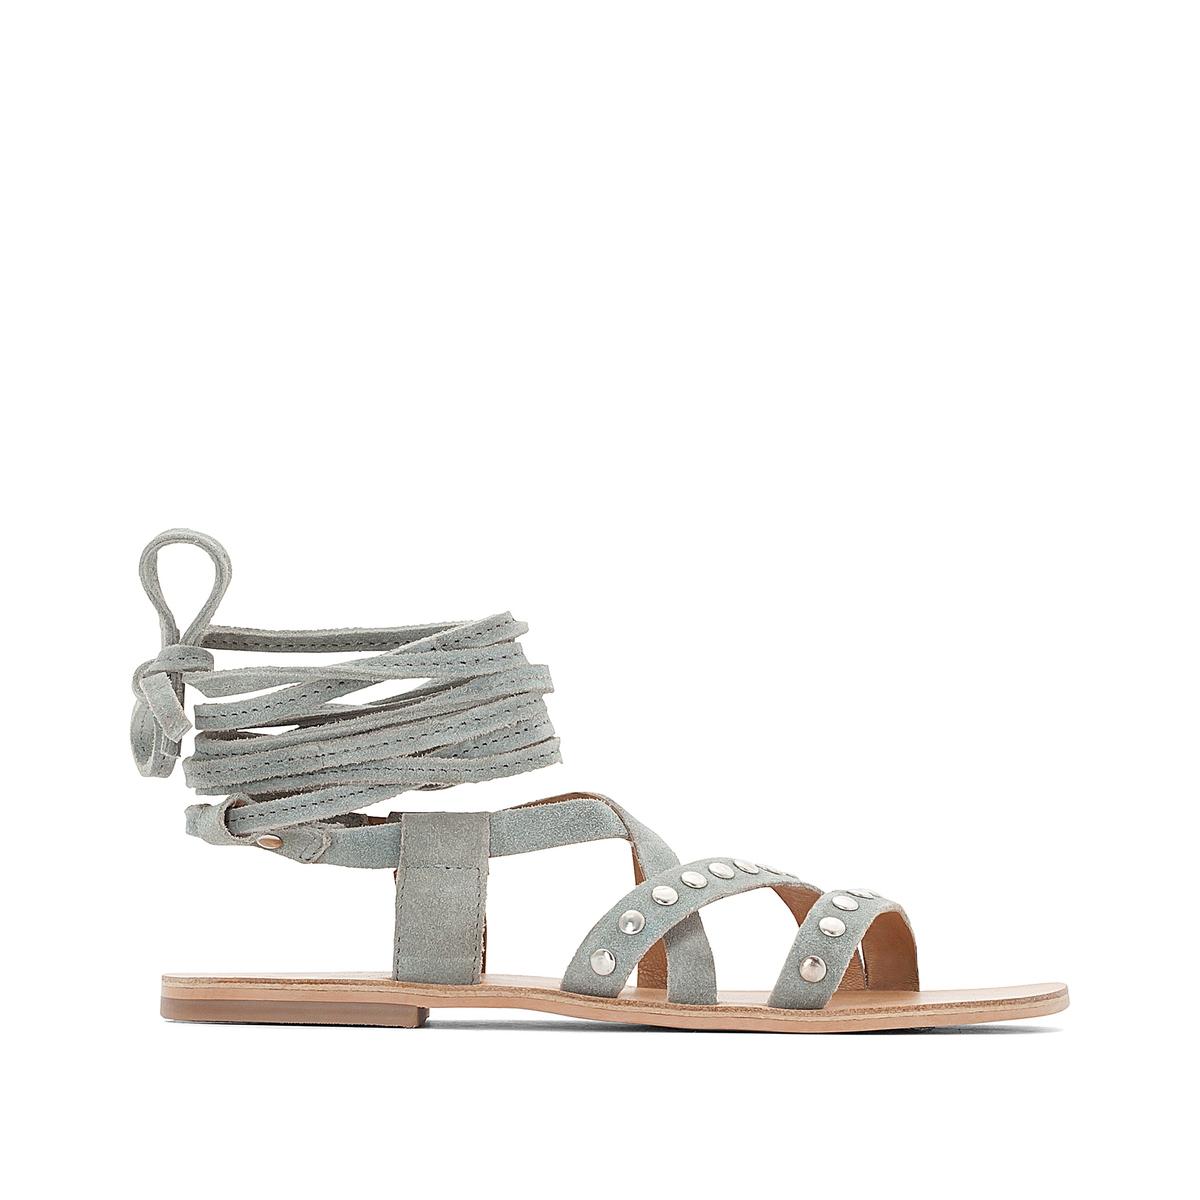 Босоножки кожаные с металлической деталью на плоском каблуке ботильоны кожаные на молнии на плоском каблуке nicole